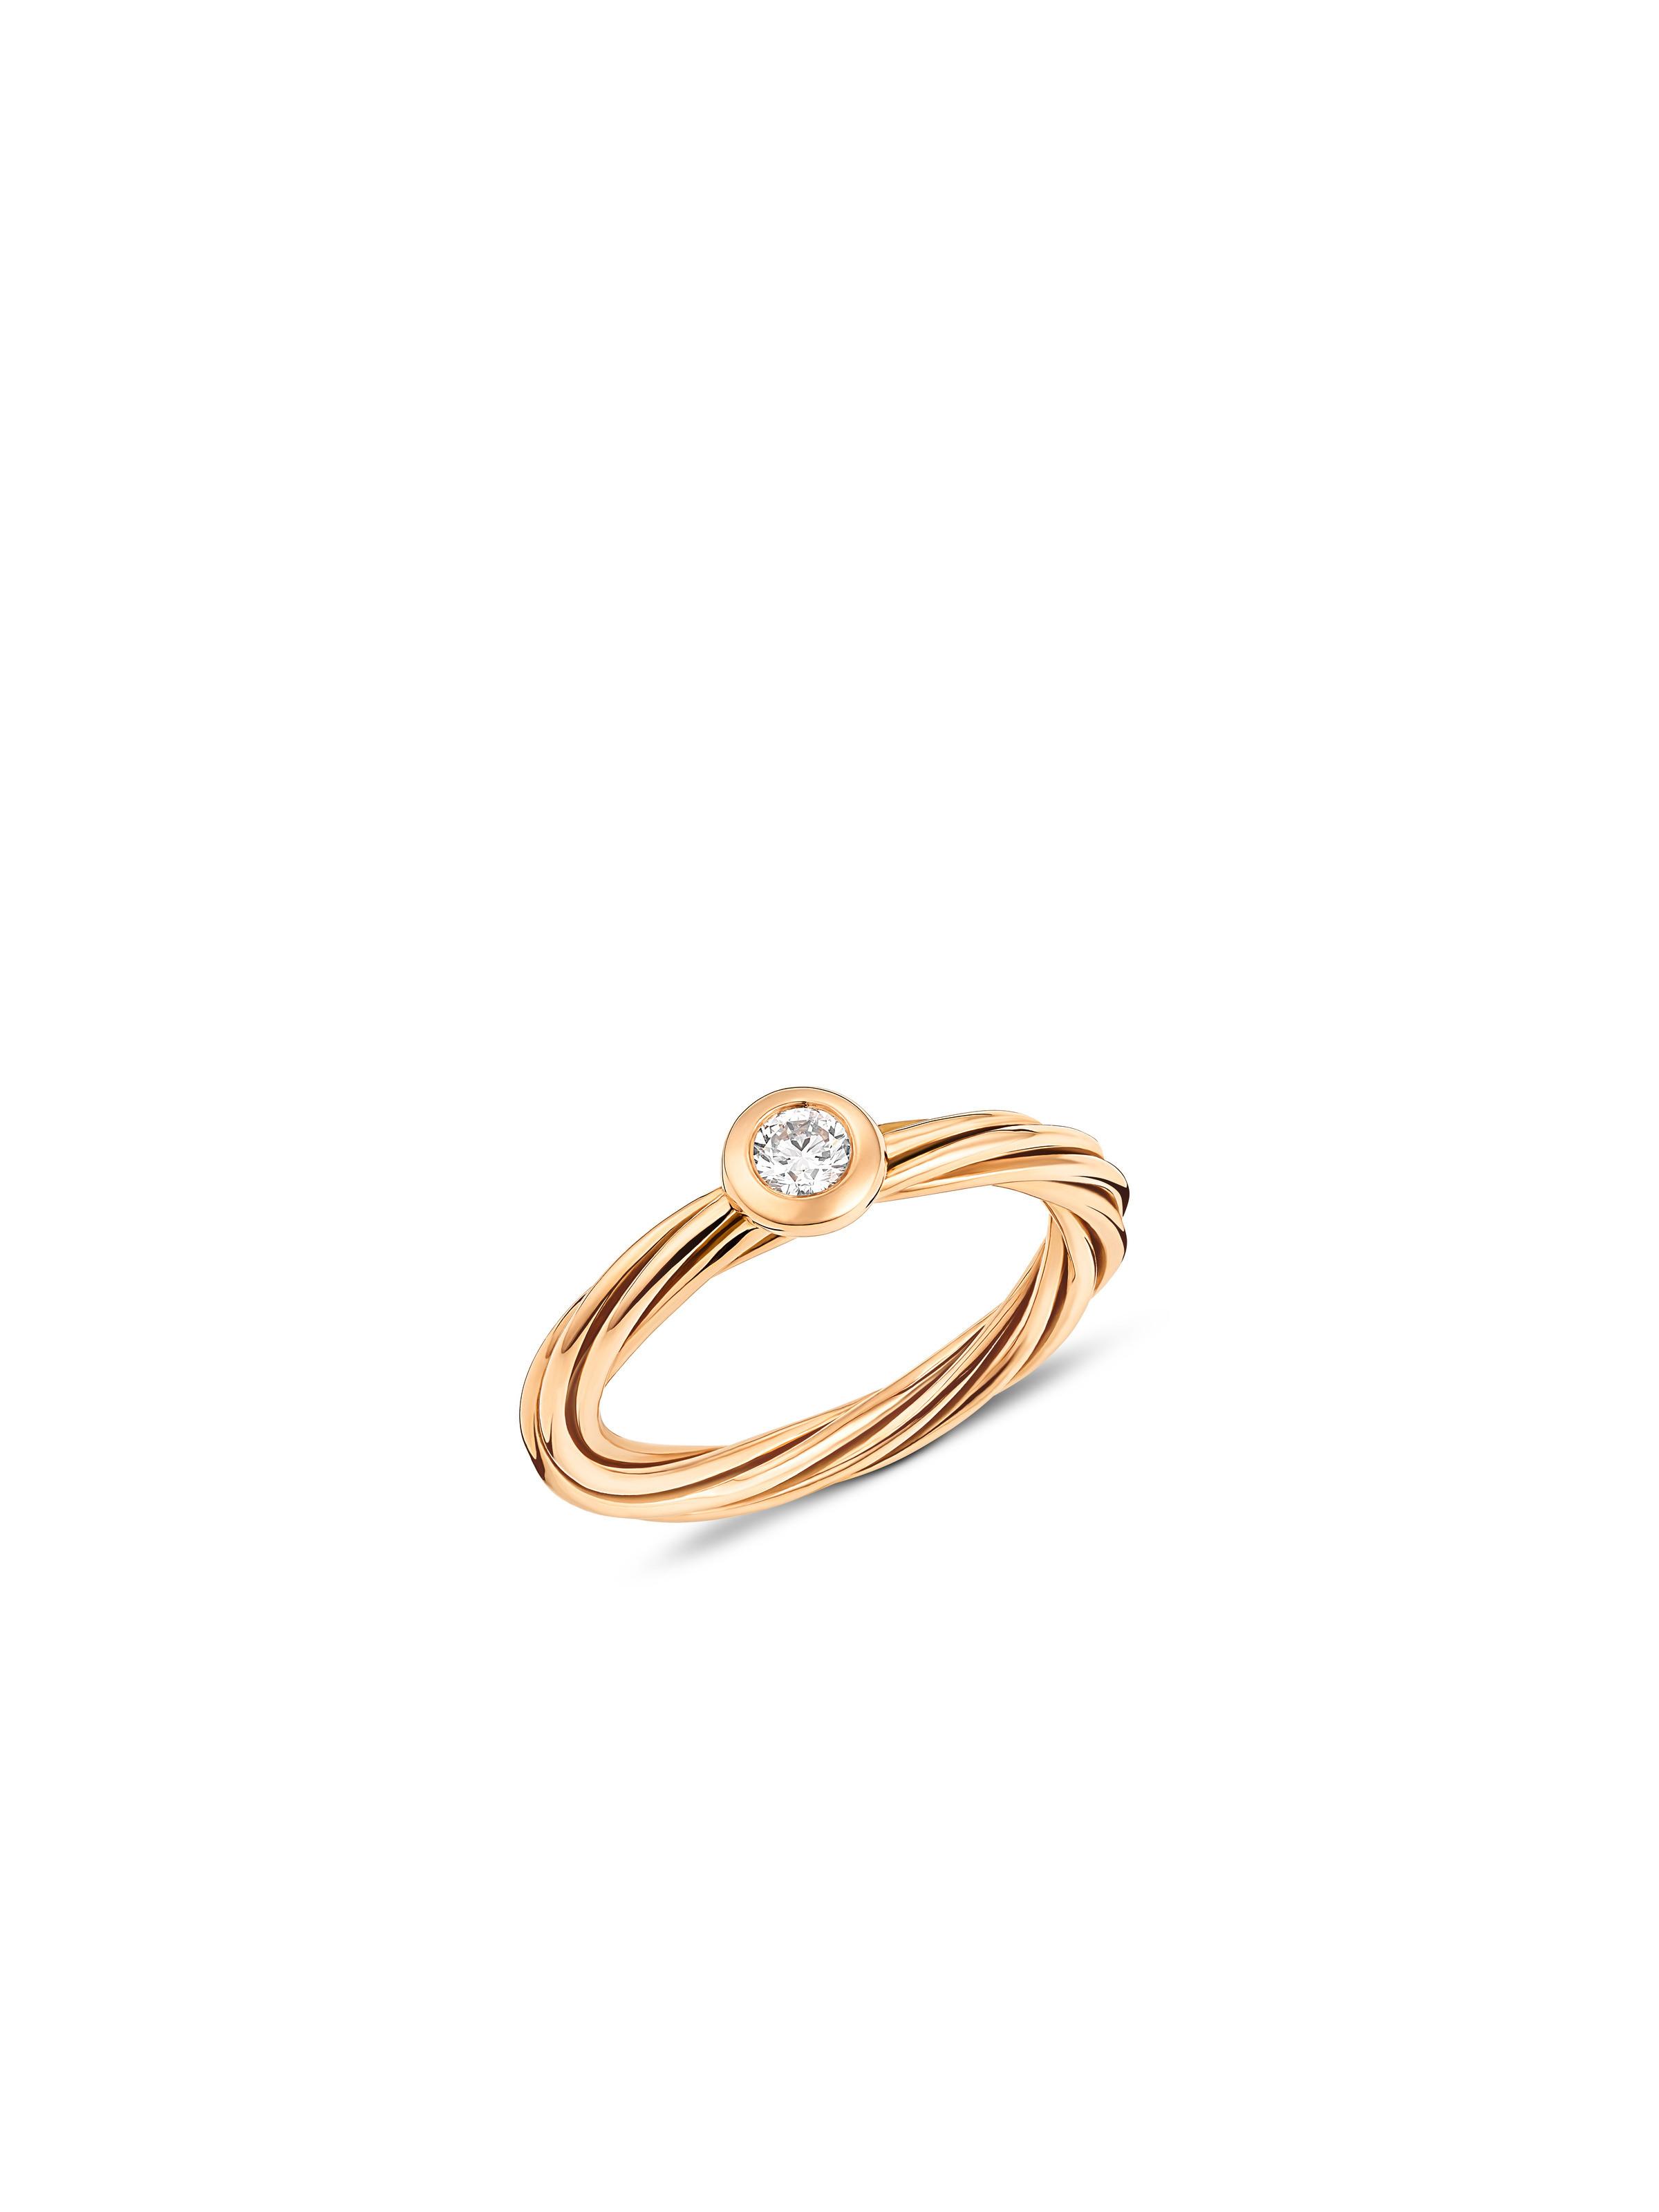 Promise Helioro ring